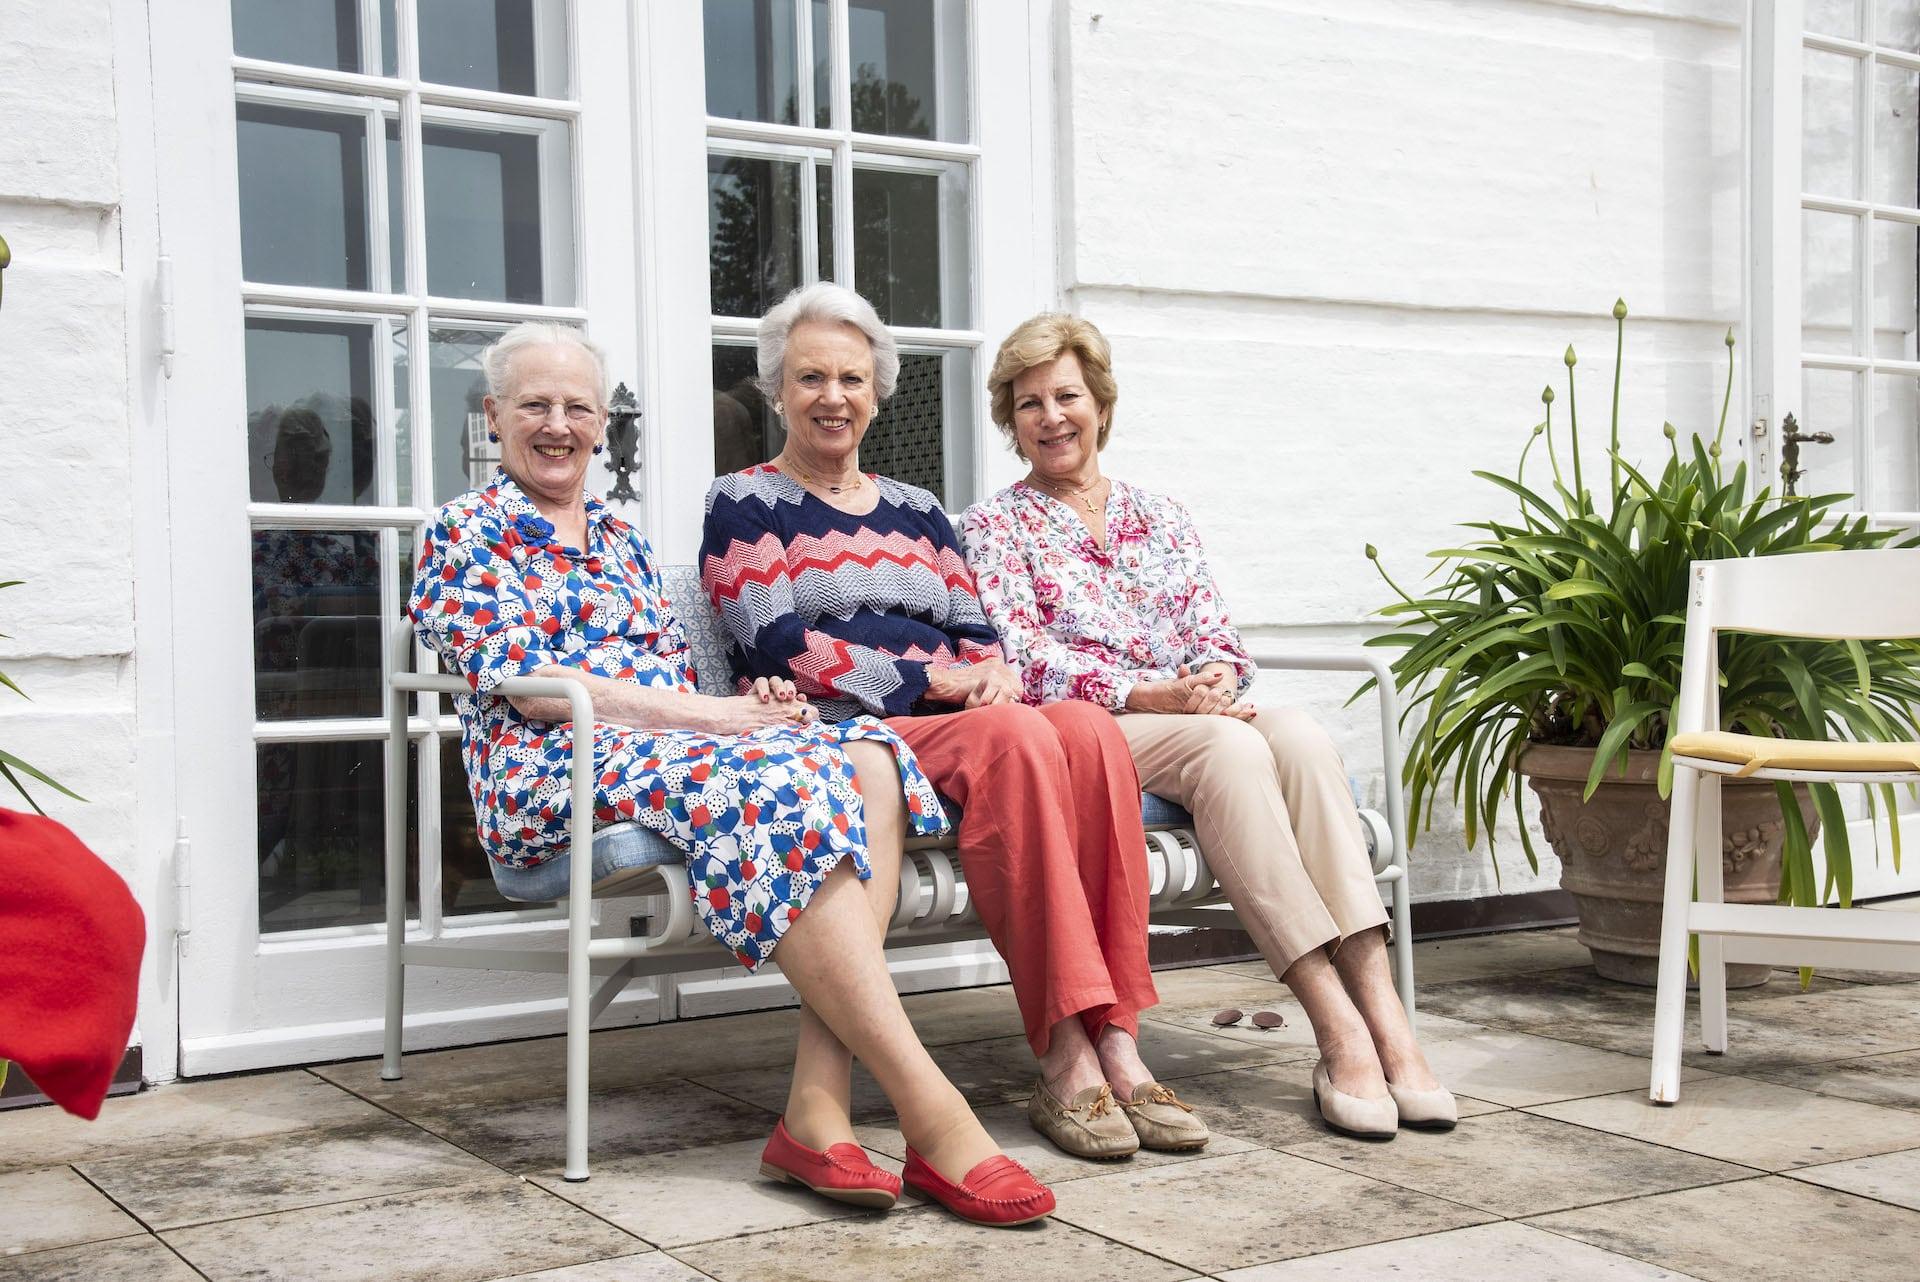 Königin Margrethe und ihre Schwestern verbringen die Ferien gemeinsam